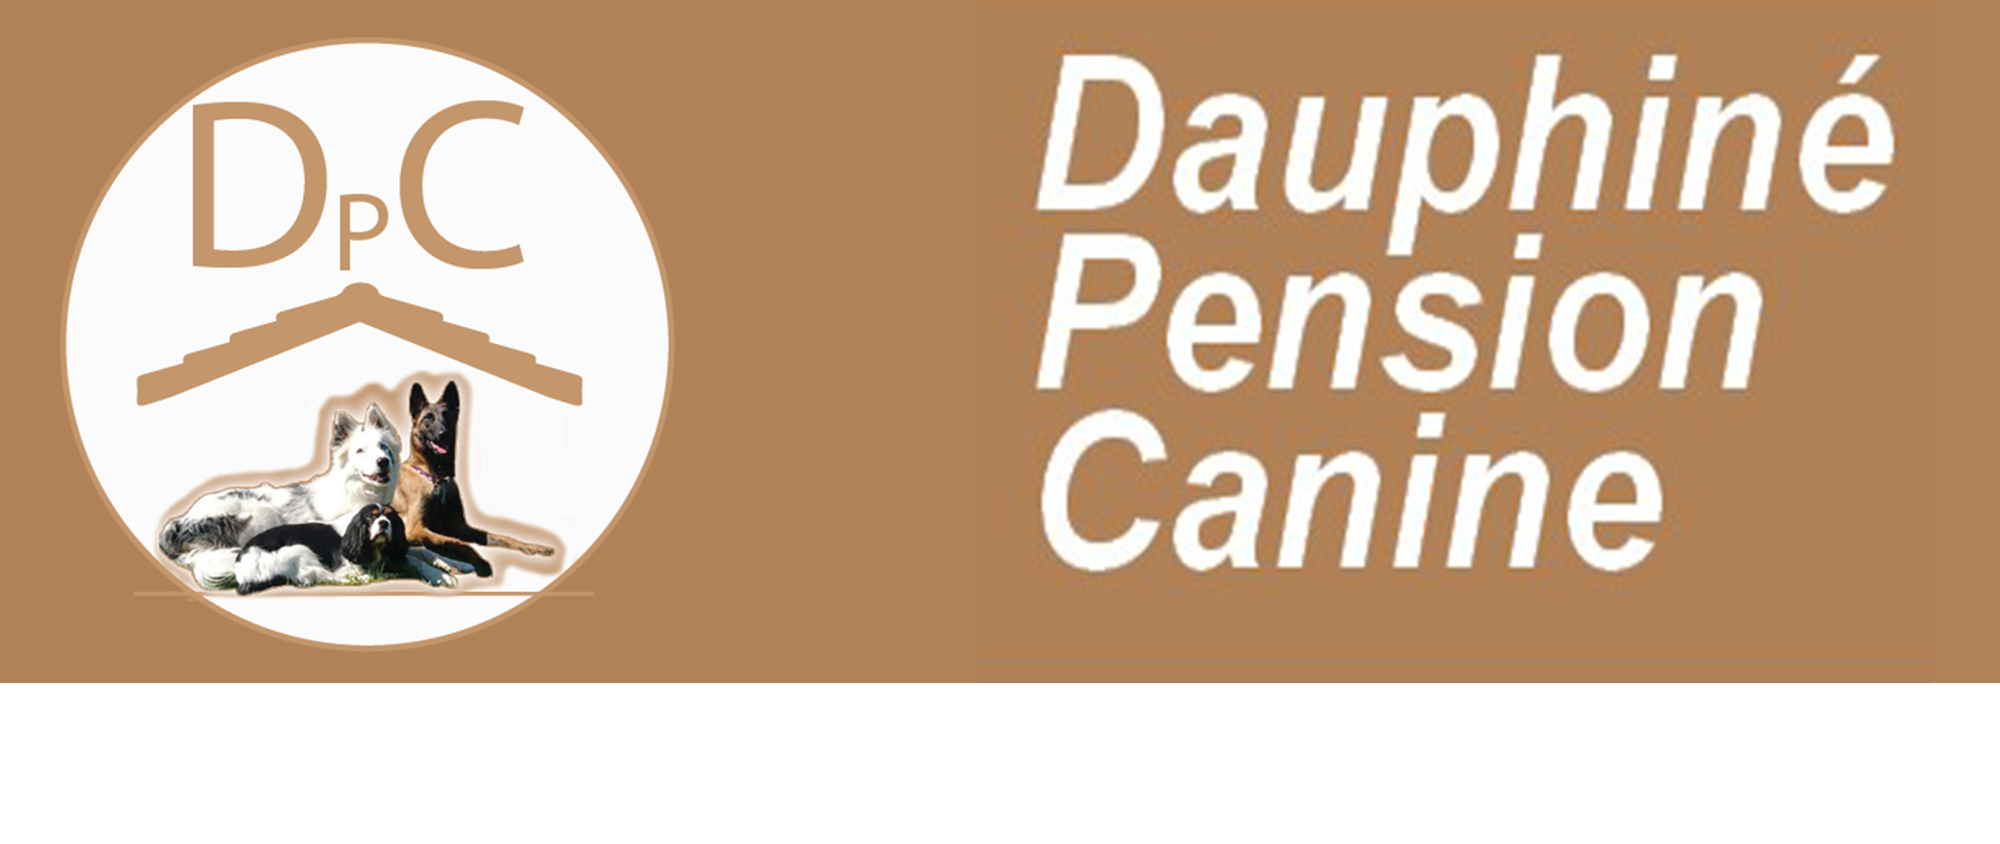 pensioncanine38.com